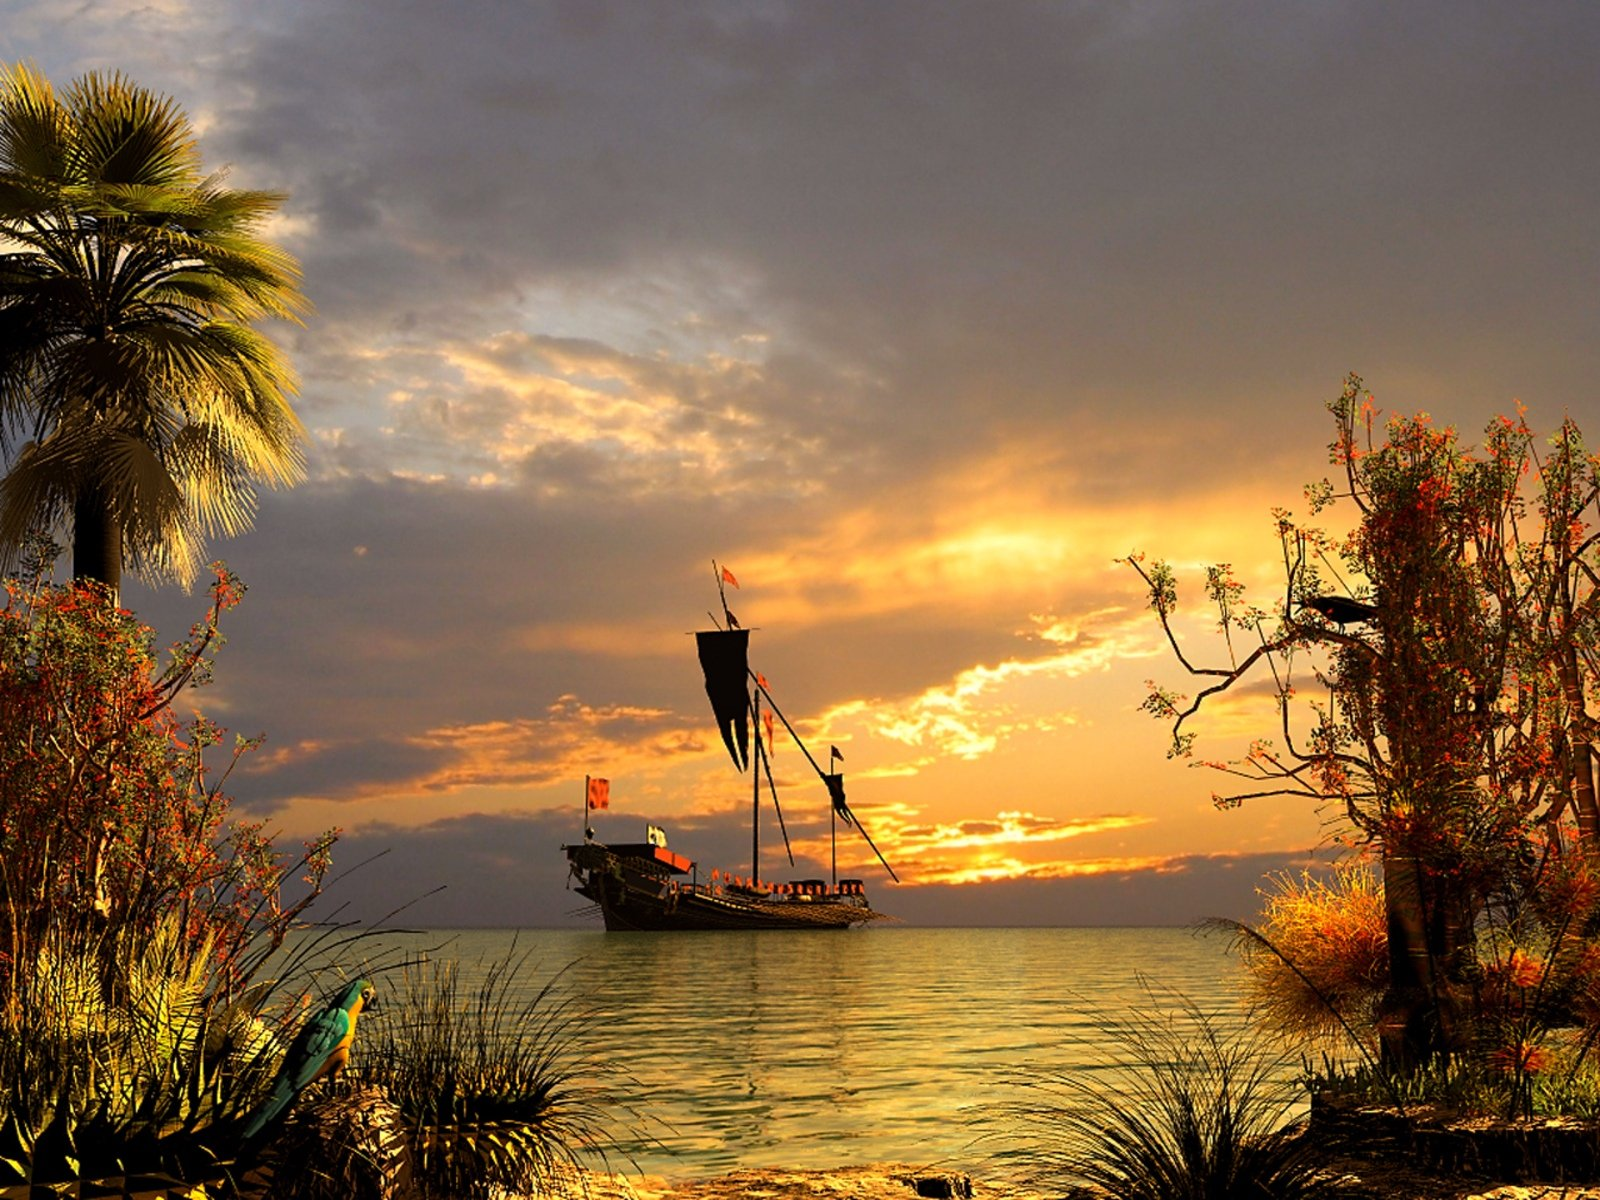 schiff im sonnenuntergang